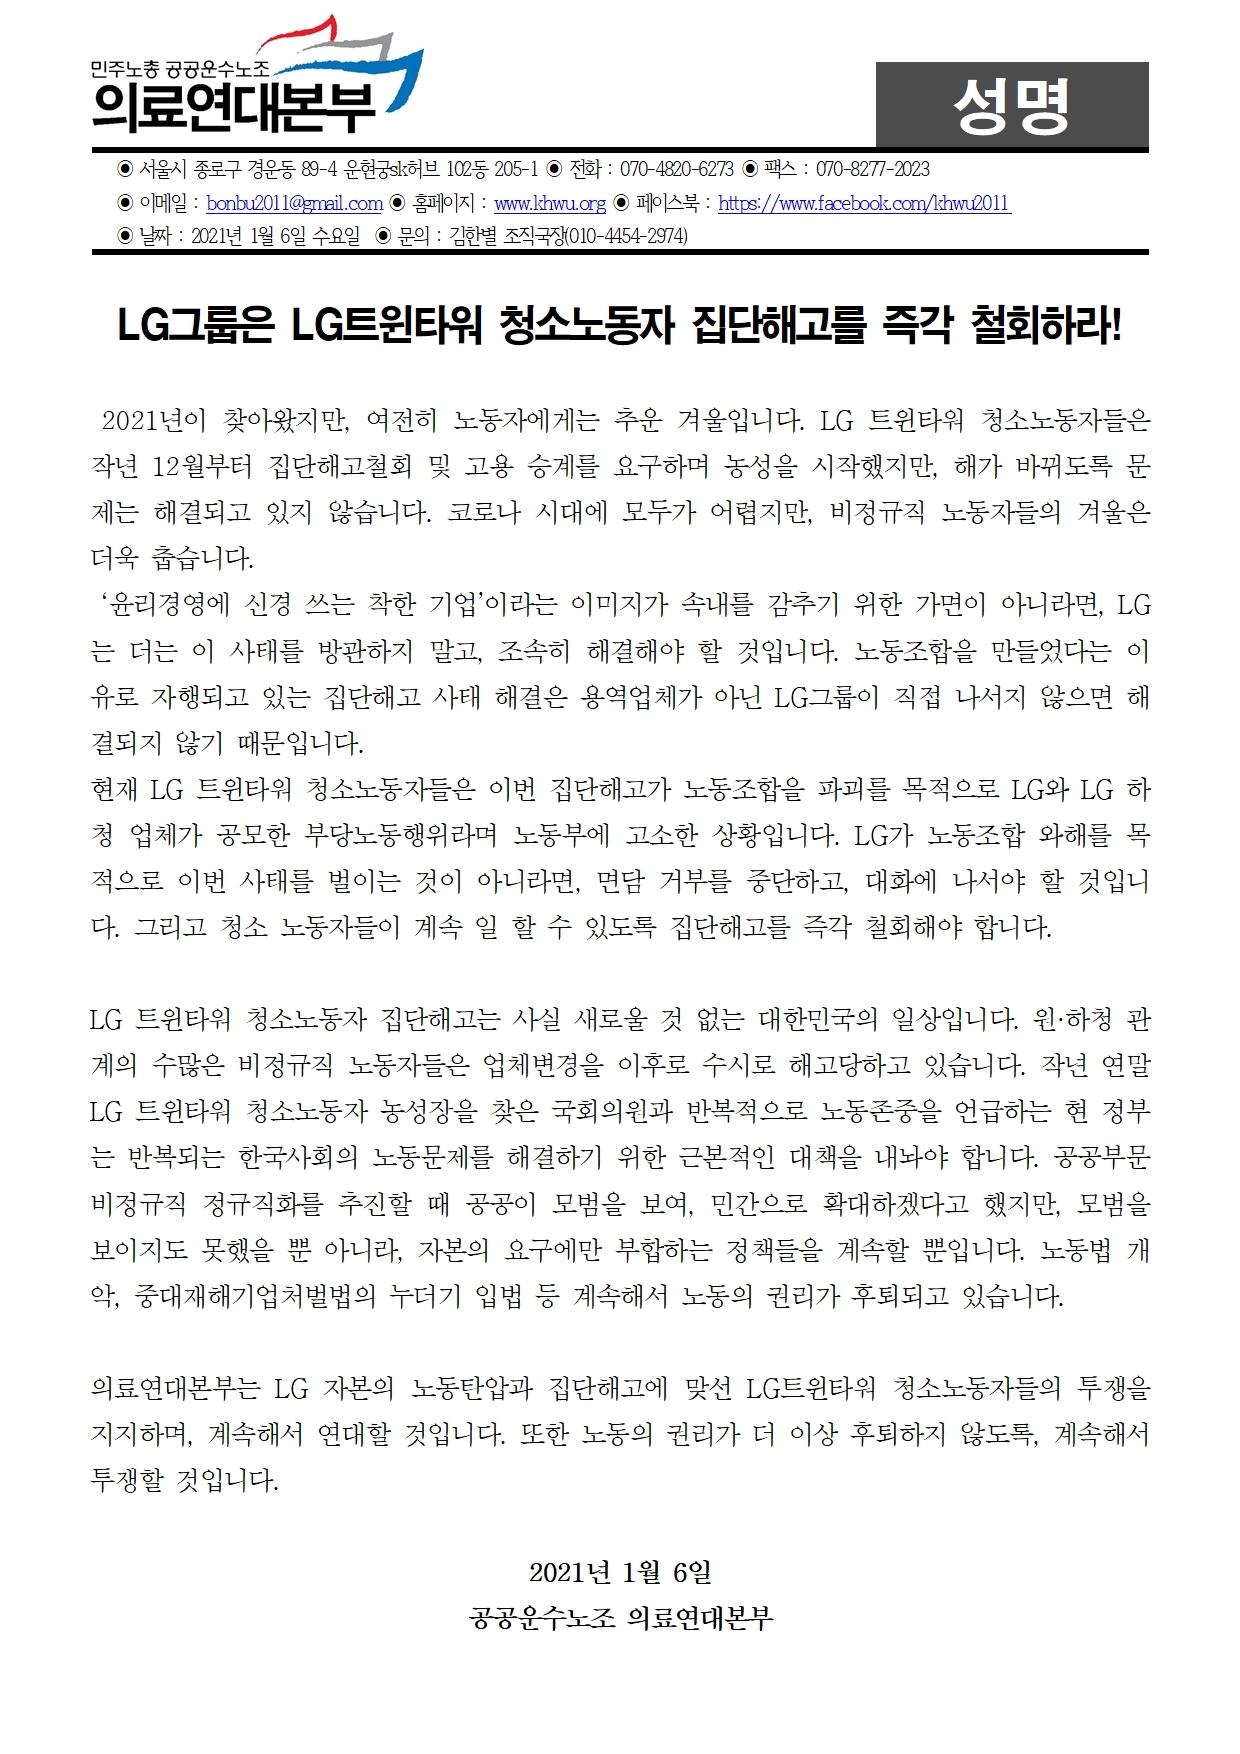 20210106 [성명] LG트윈타워 청소노동자 투쟁 지지.jpg